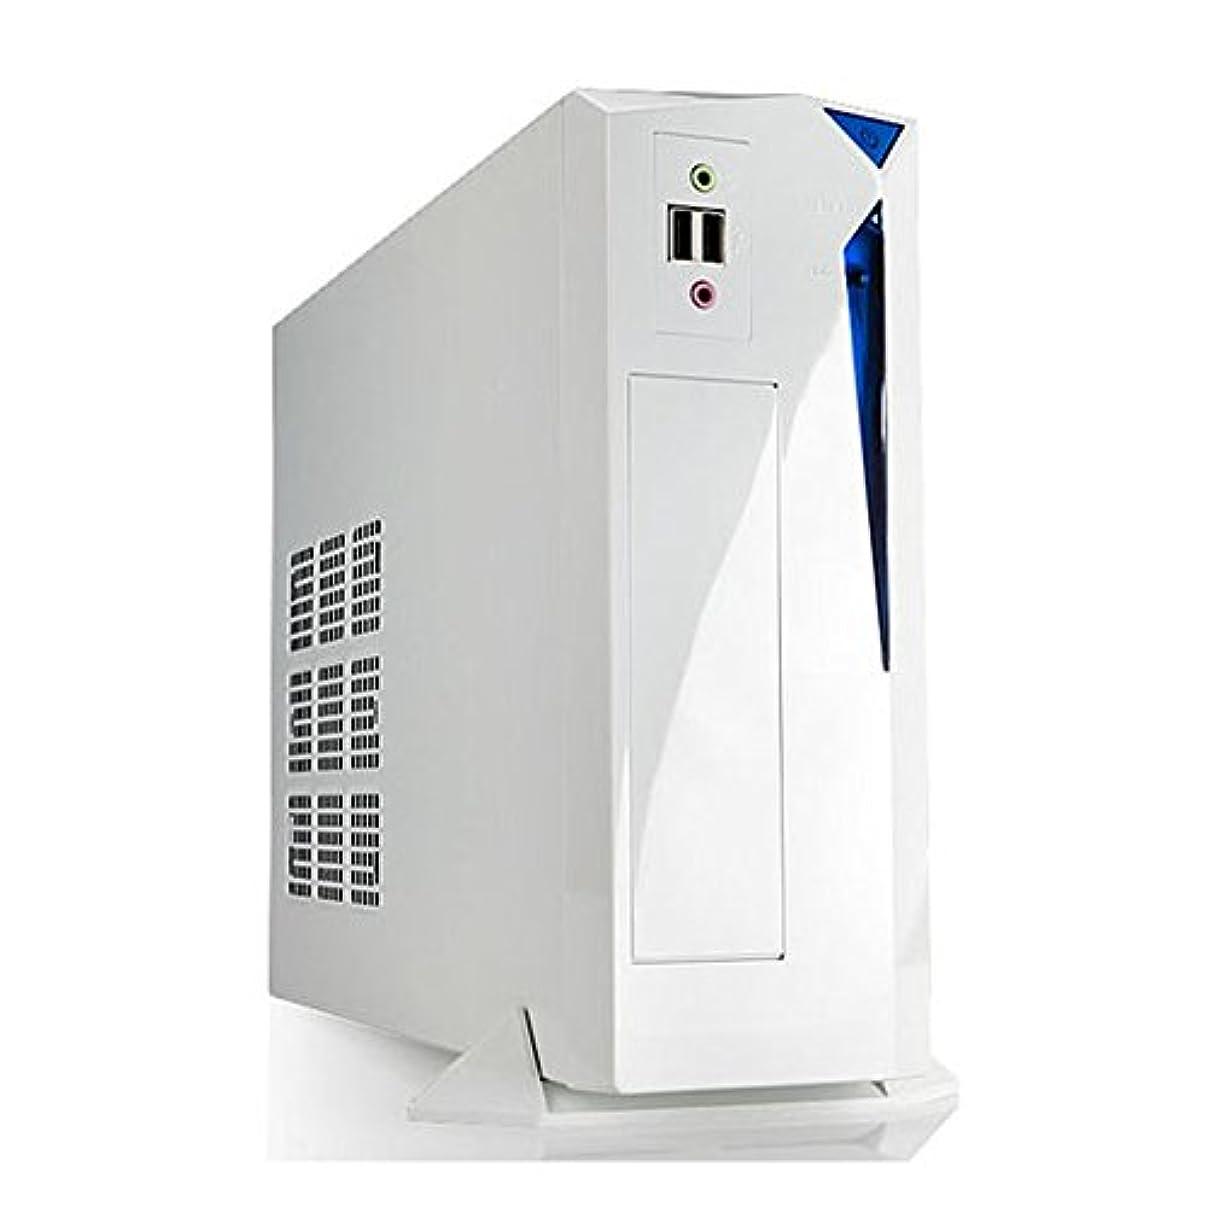 学校教育せせらぎ何十人もIN WIN Mini-ITX Mini-DTX 超スーパー ミニタワーPCケース 白 IW-BP655W/300H